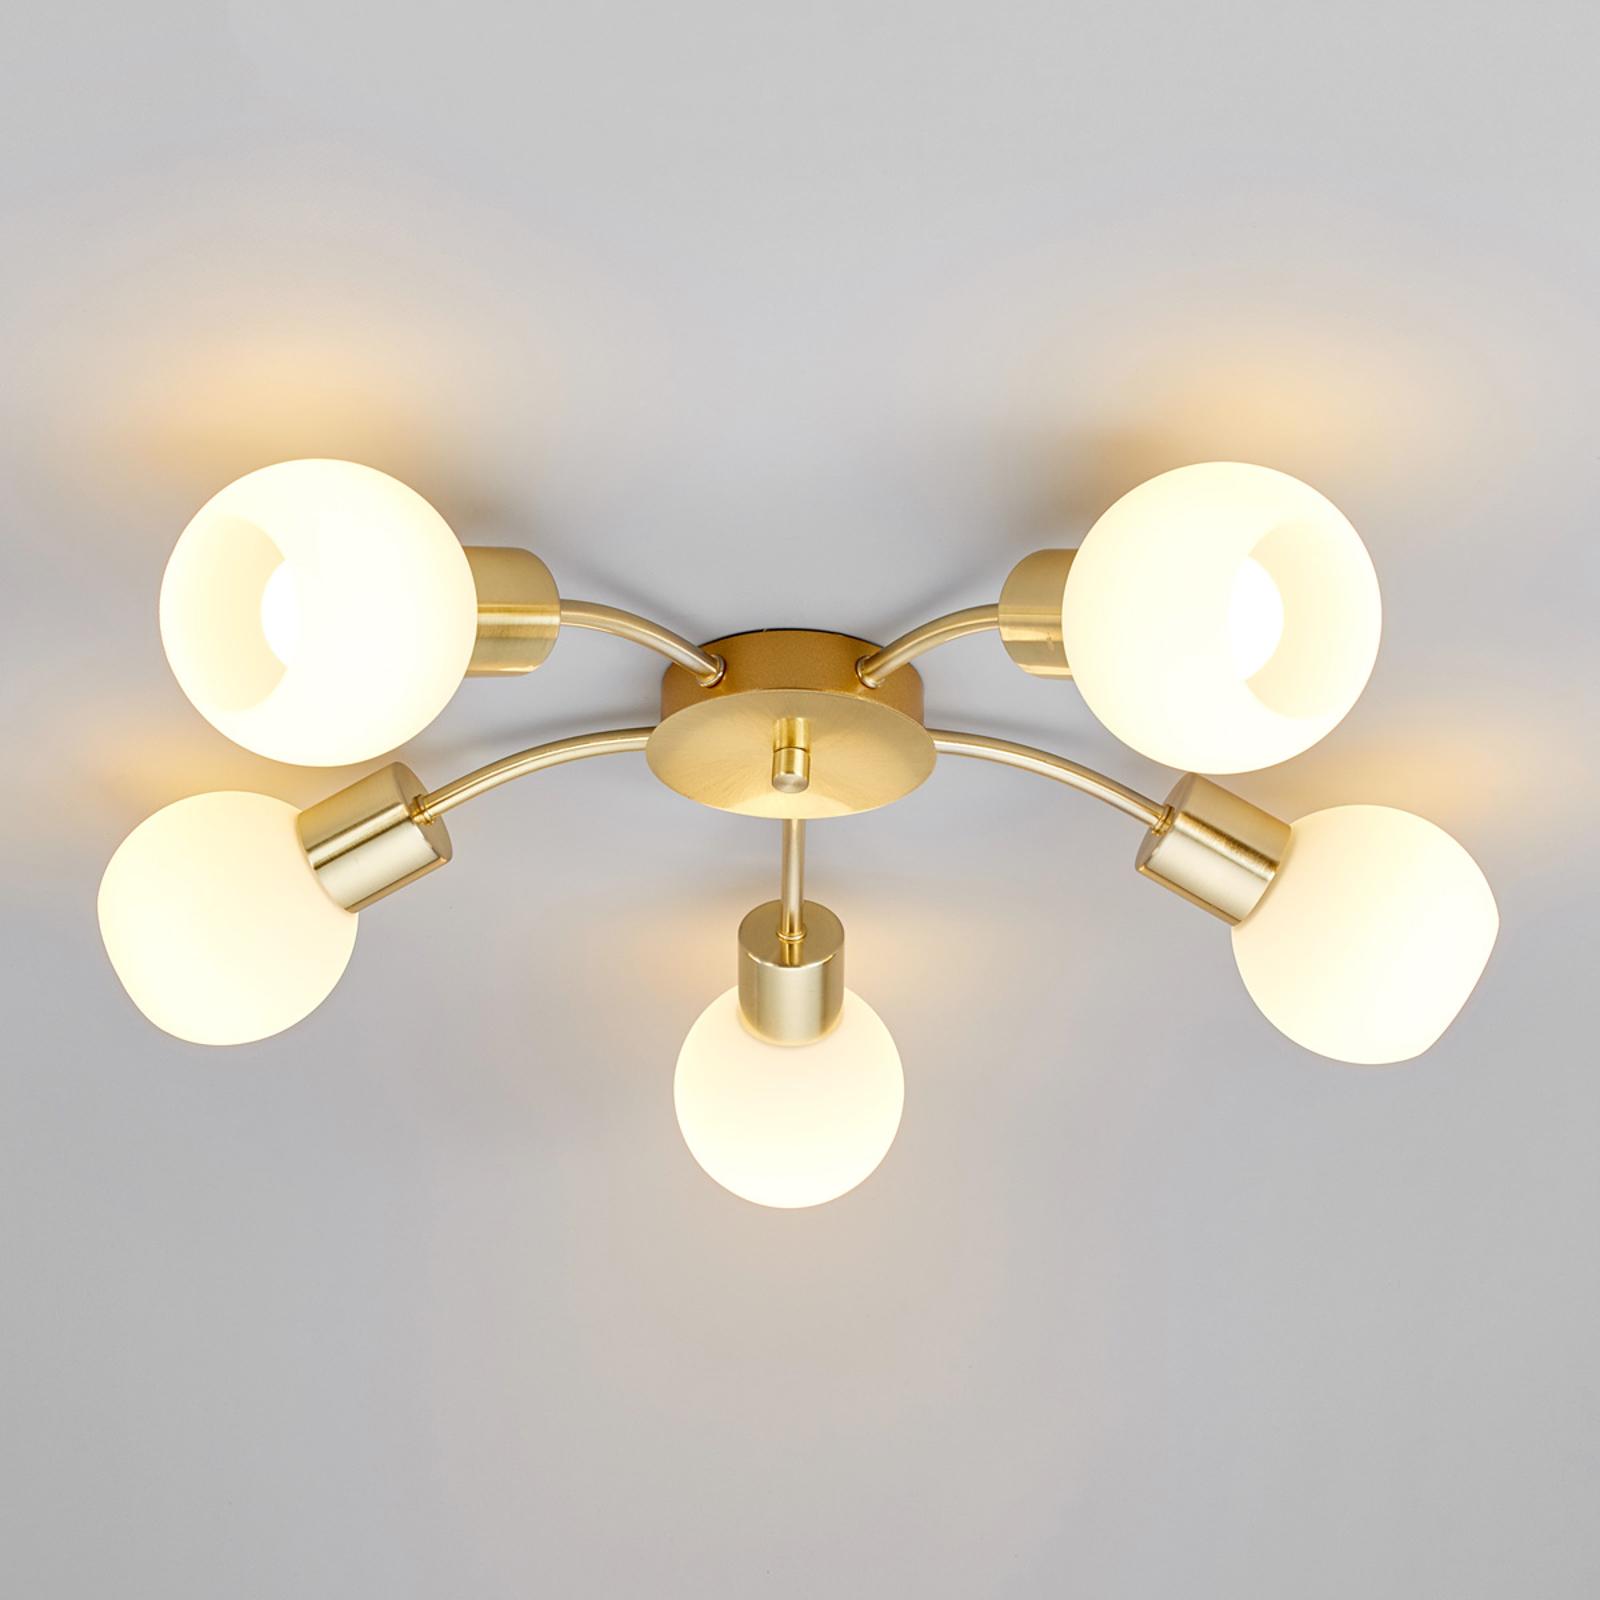 Elaina - LED taklampe i messing, 5 punkt